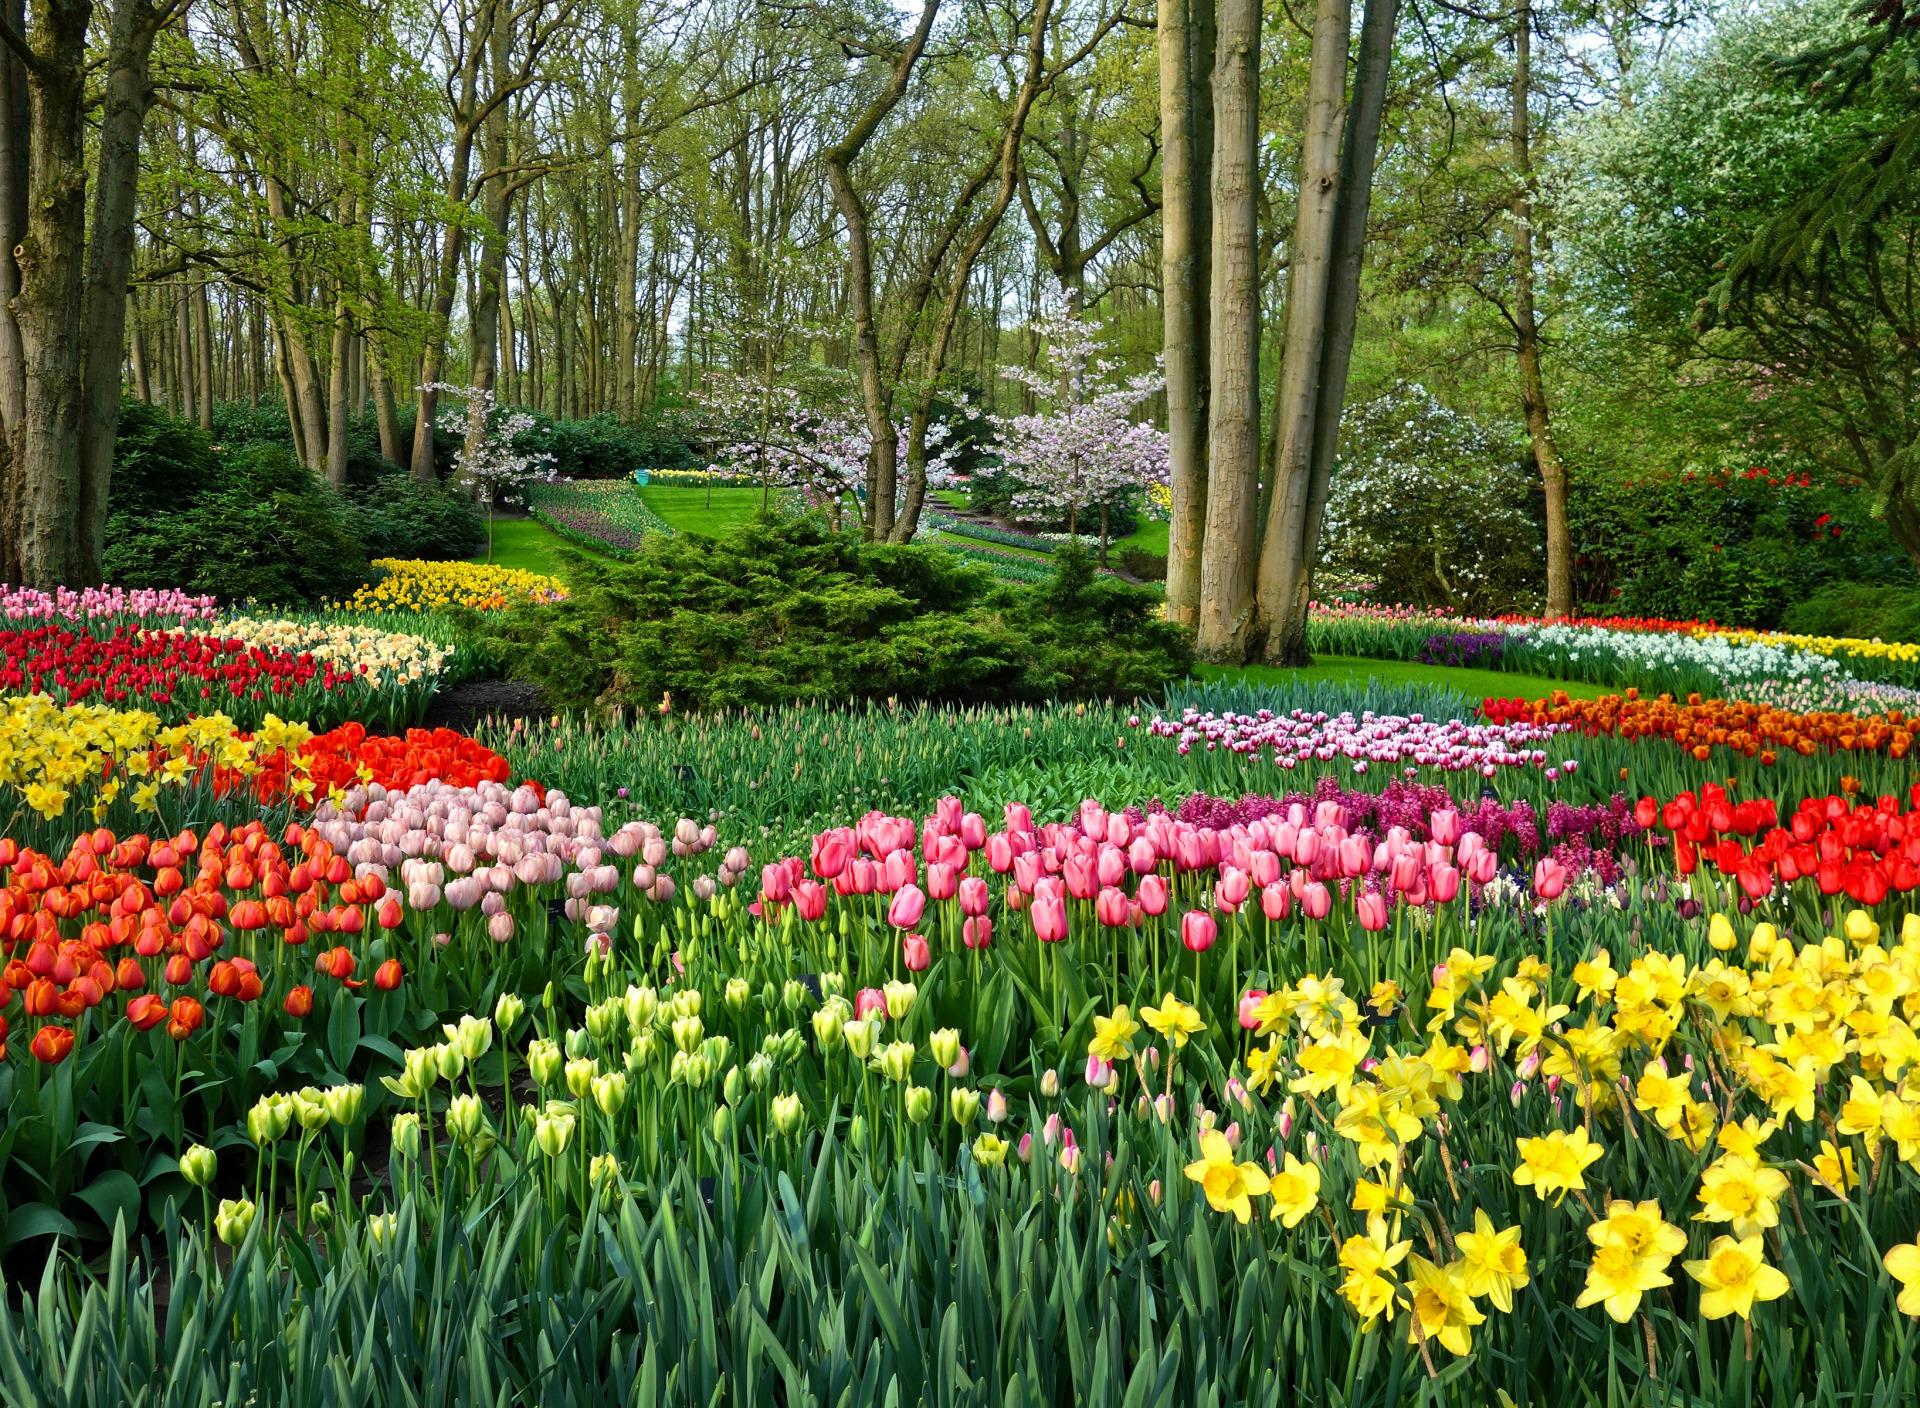 картинки сады и парки с цветочными клумбами на рабочий стол конечно взамен